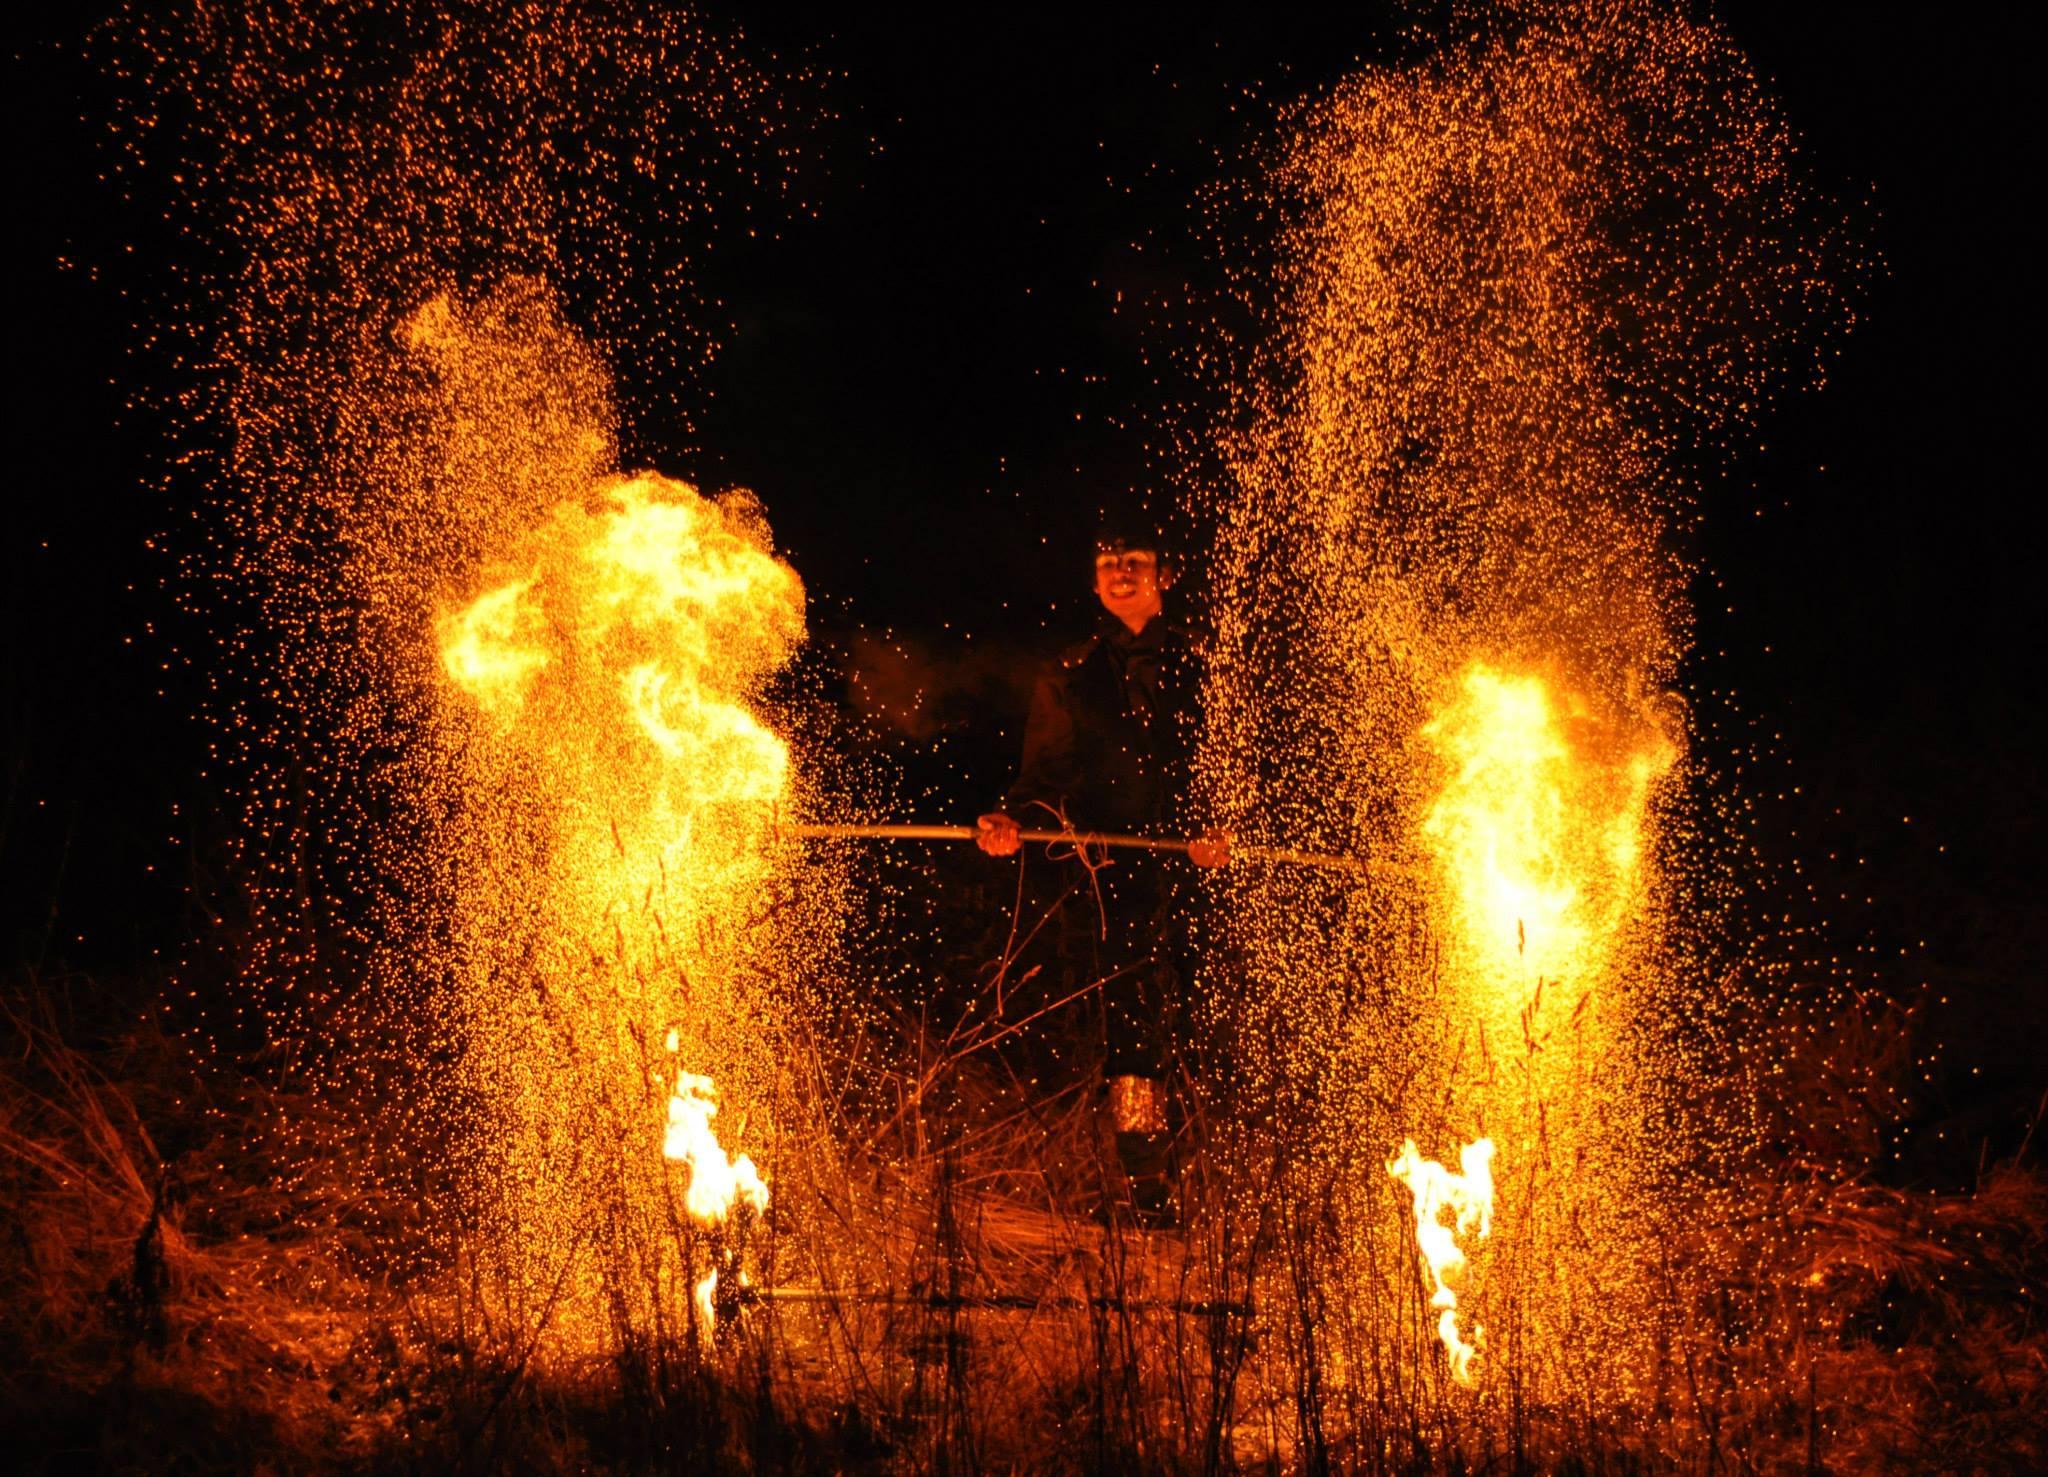 Act of Emotions eldshow på Midvinterglöd 2014 - Vinterväsen. Foto: Håkan Lenneby